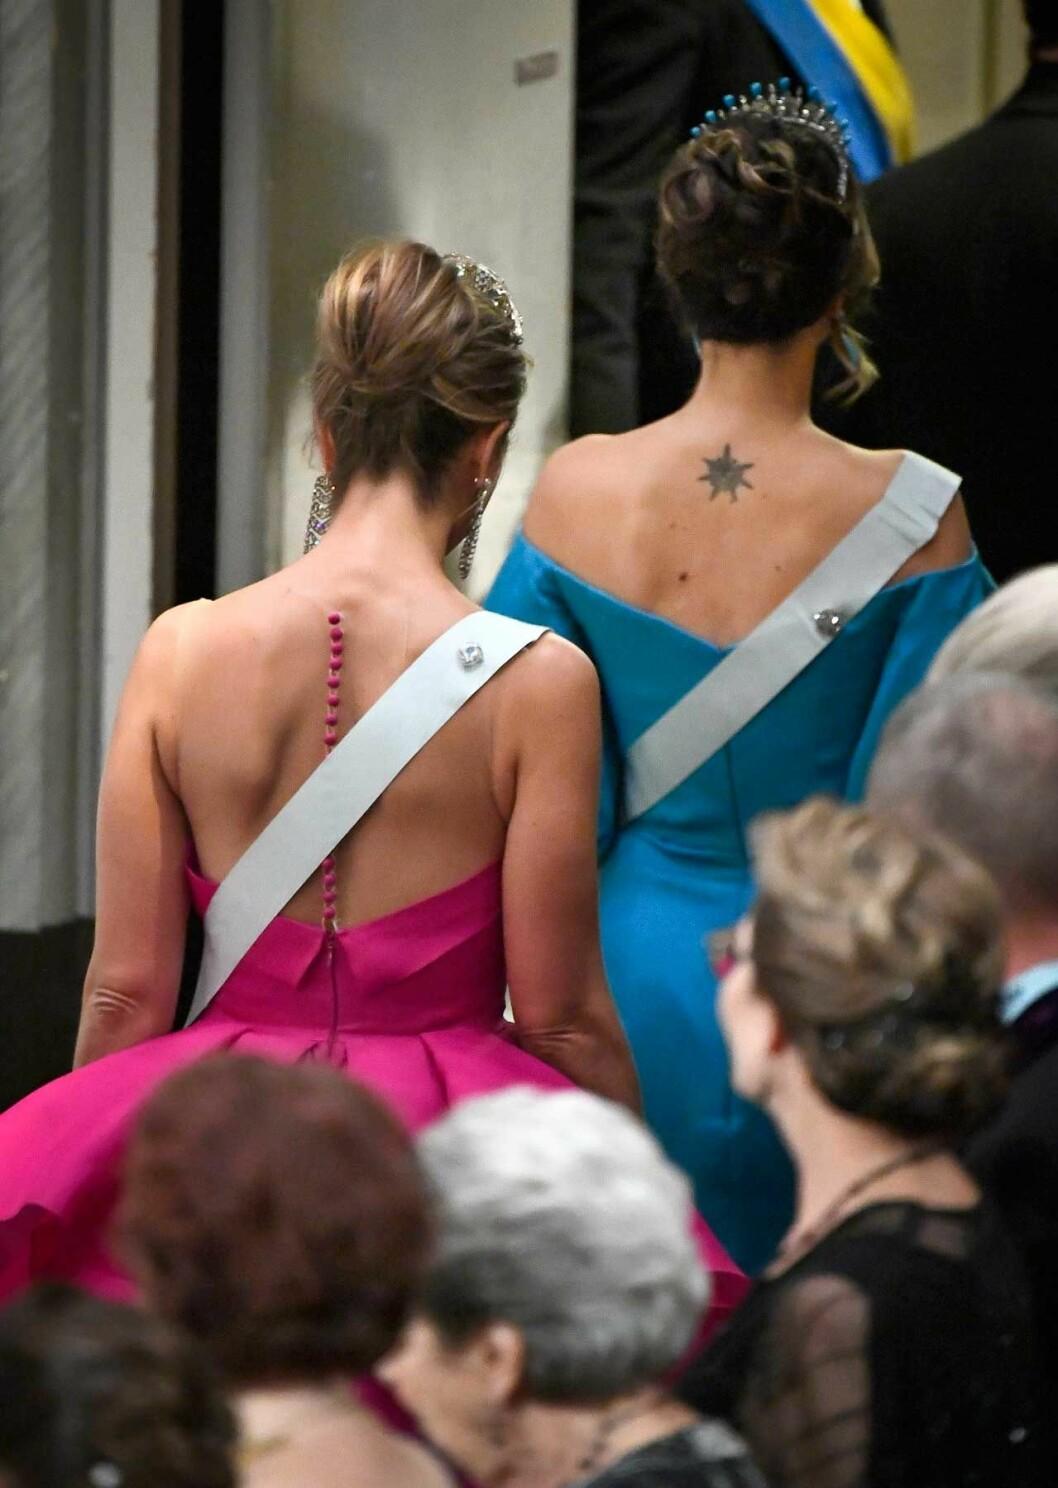 Detta är en av prinsessan Sofias tre tatueringar. De andra två sitter på ankeln respektive ryggen.